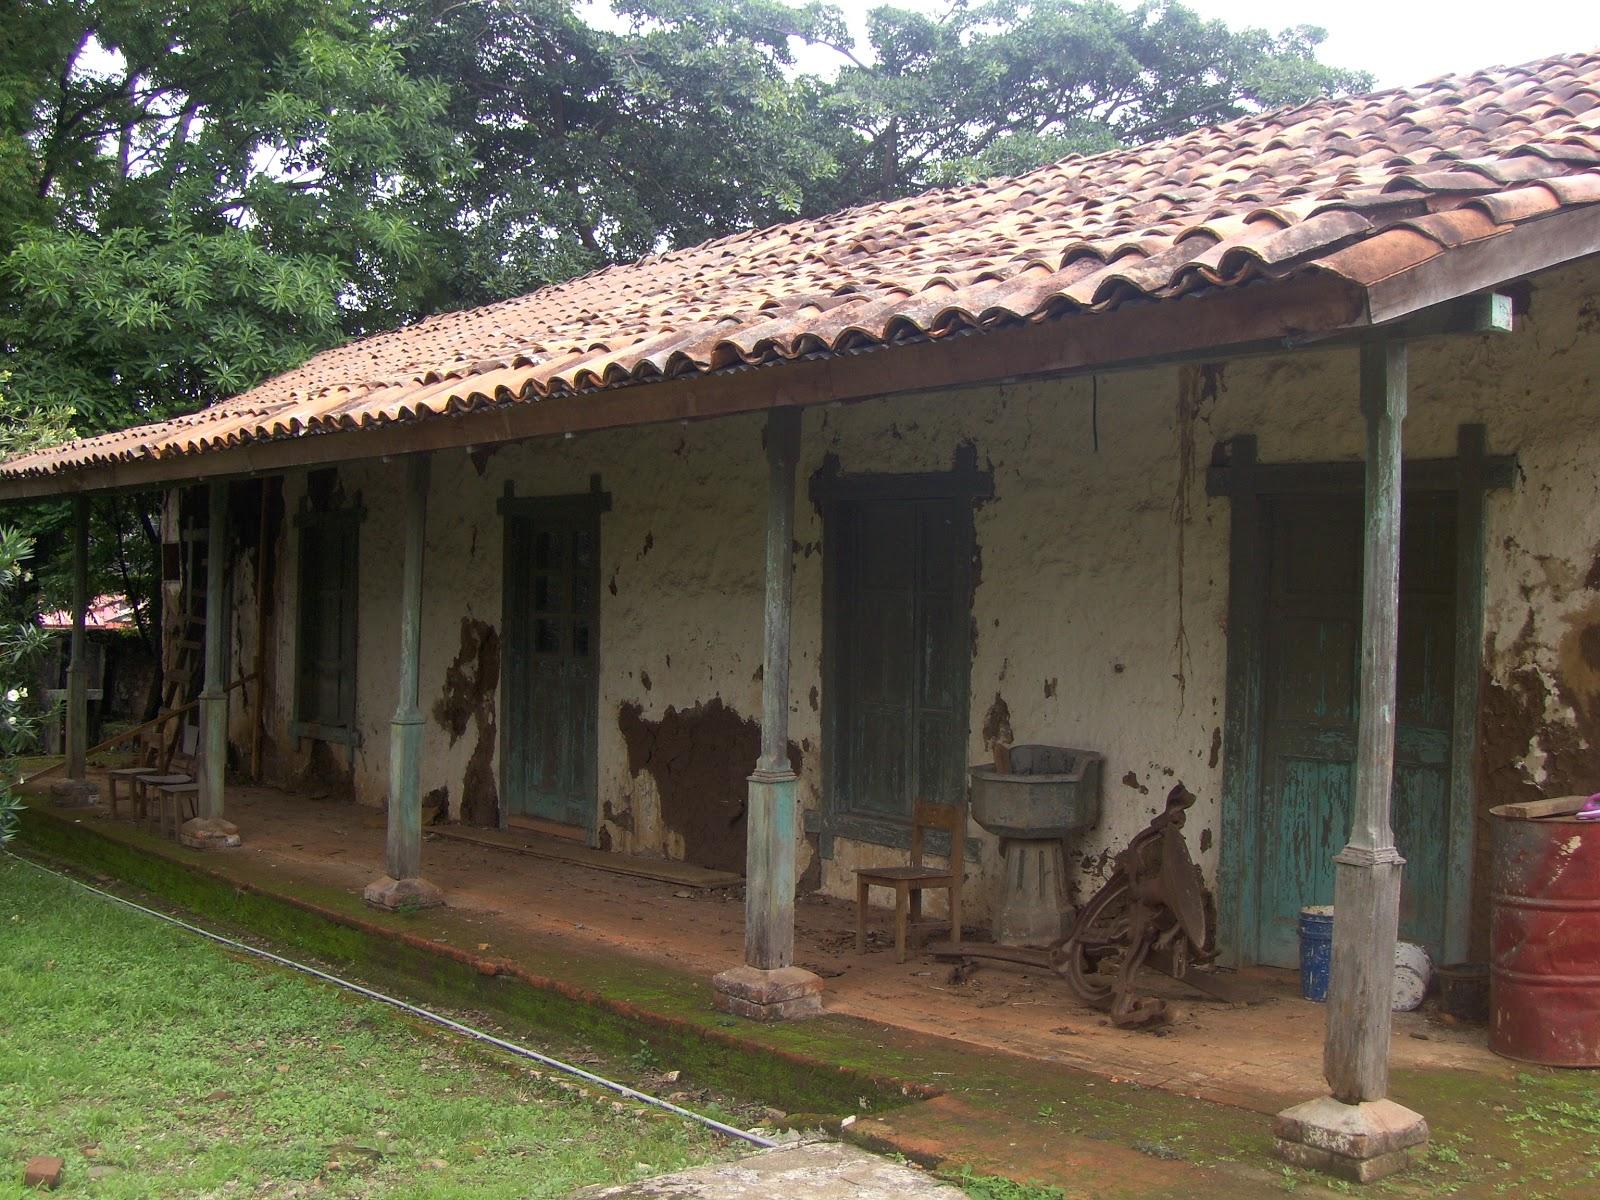 Dise o interno externo arquitectura e ingenier a for Viviendas en madera